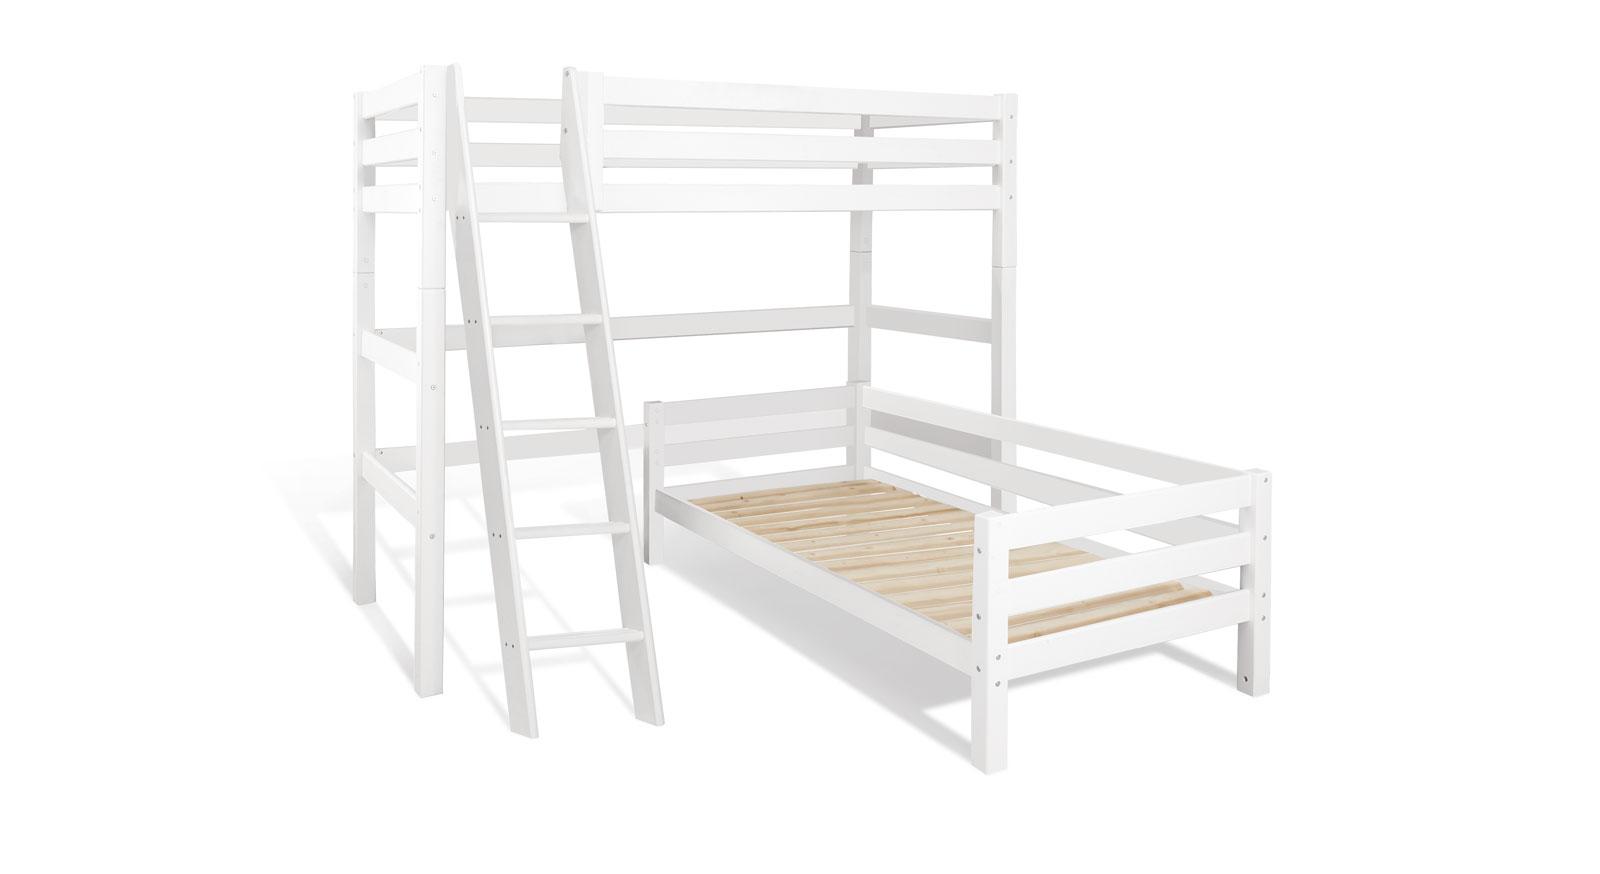 Etagenbett Leiter Schräg : Eck etagenbett in weiß aus massivem kiefernholz kids royalty